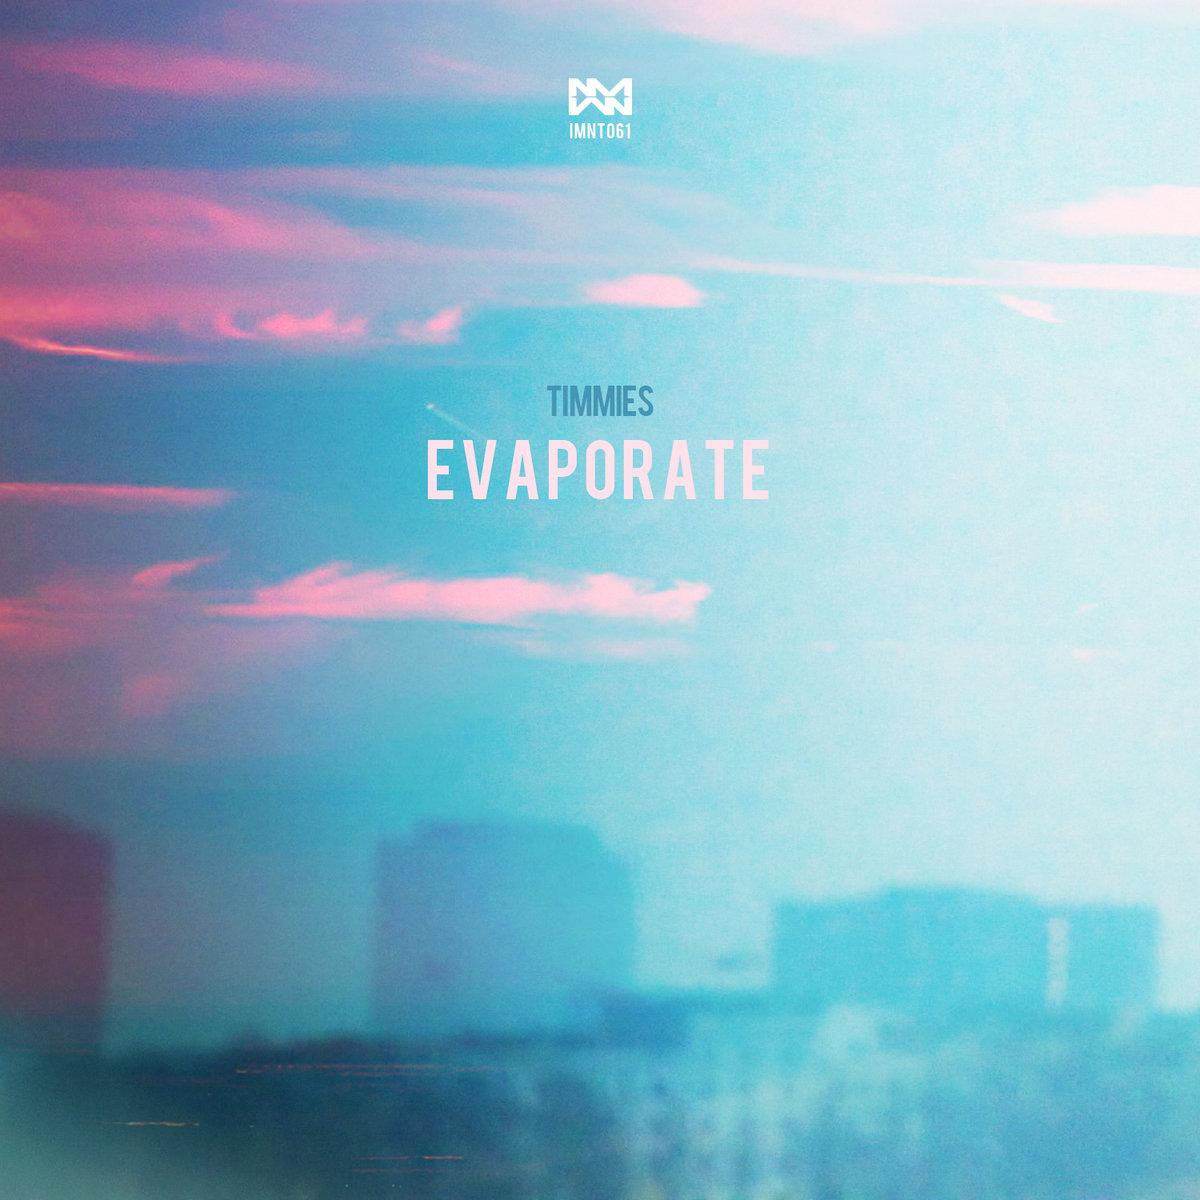 evaporate